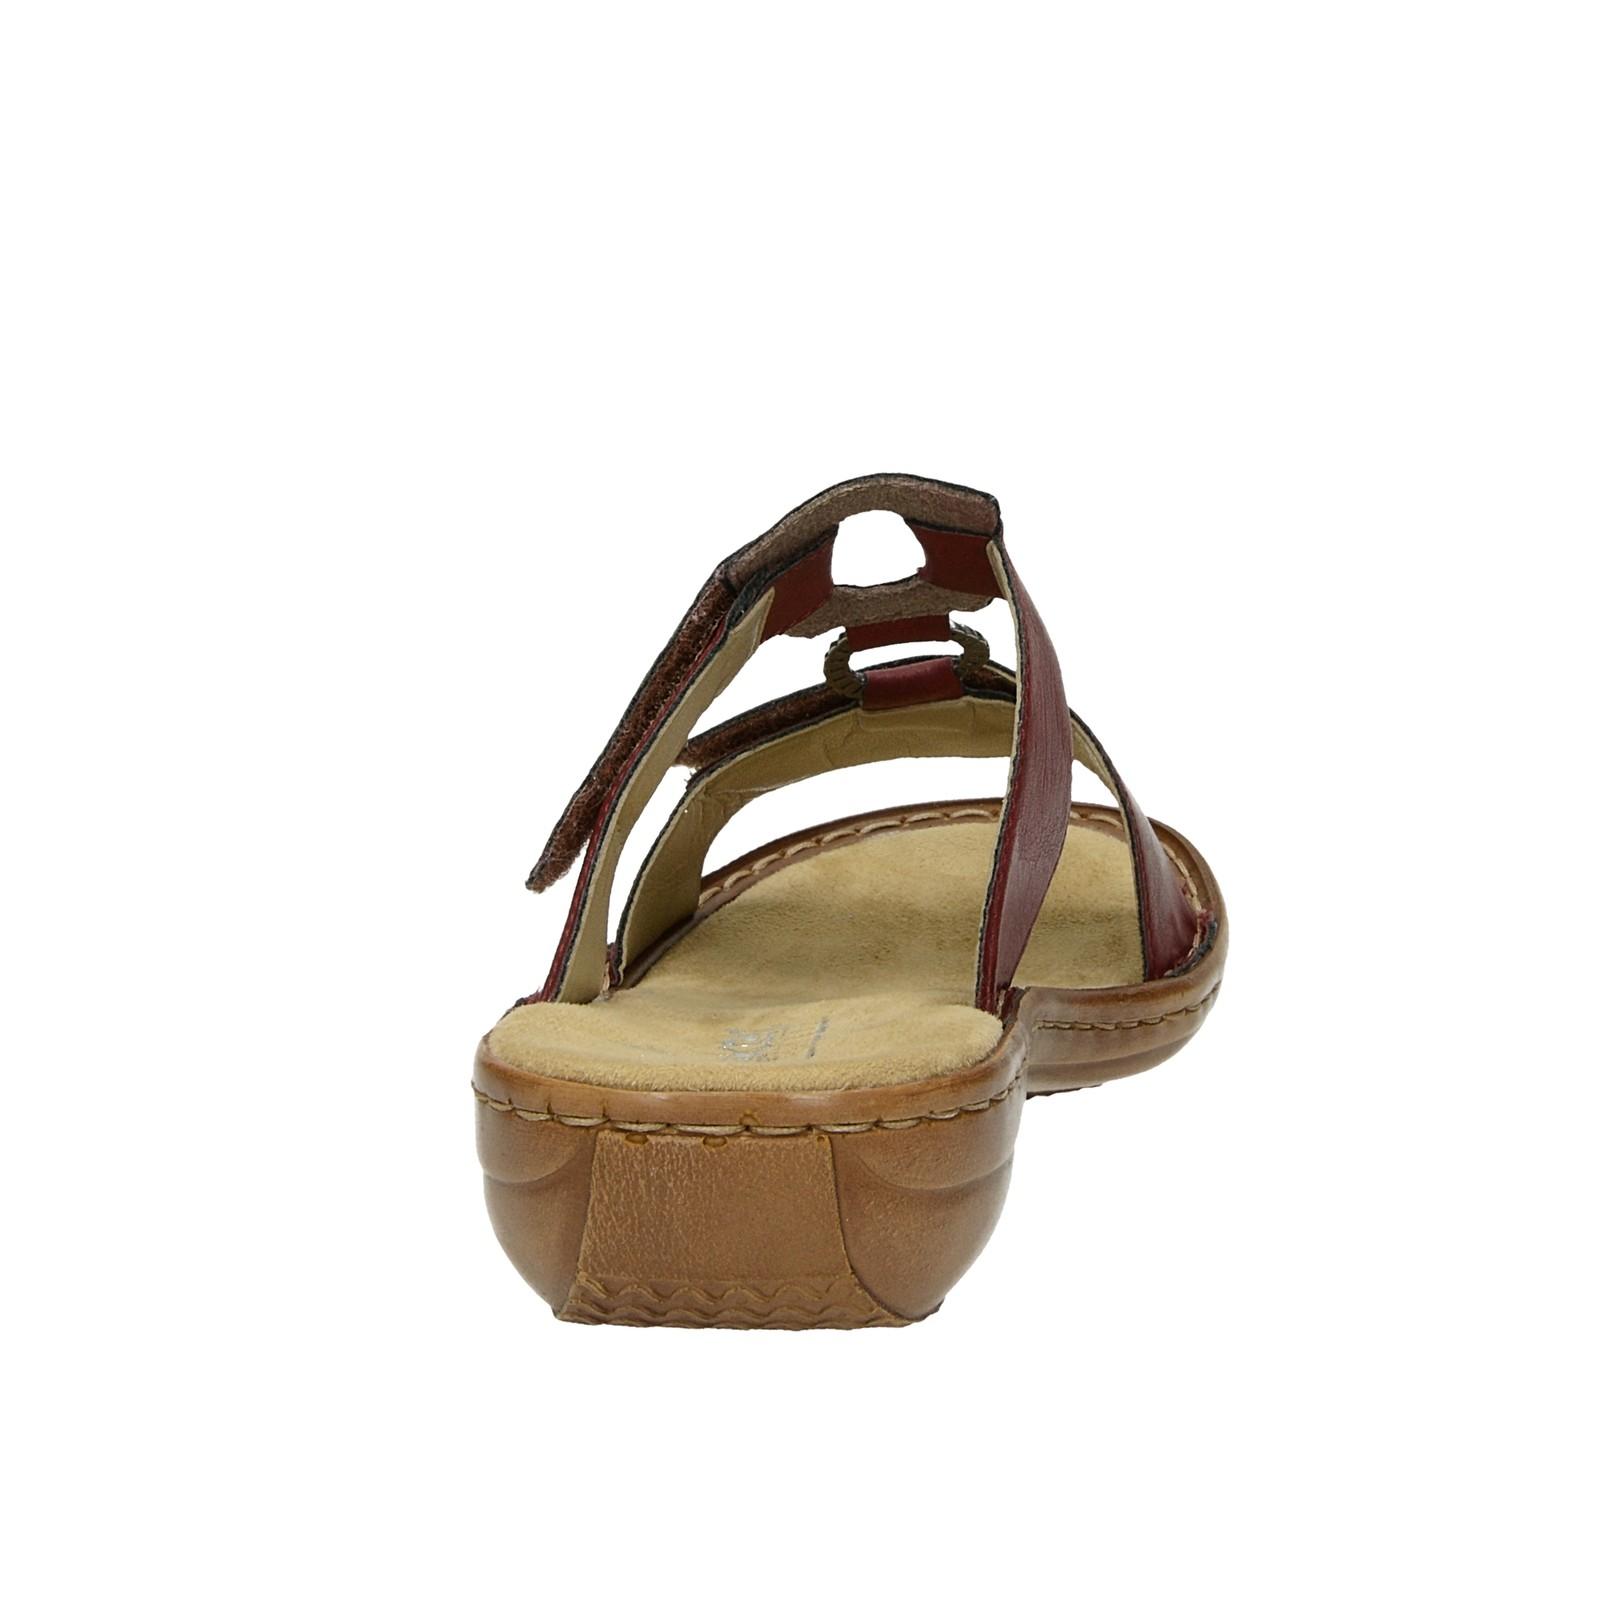 8a42afe02486 ... Rieker dámske pohodlné sandále na suchý zips - bordové ...